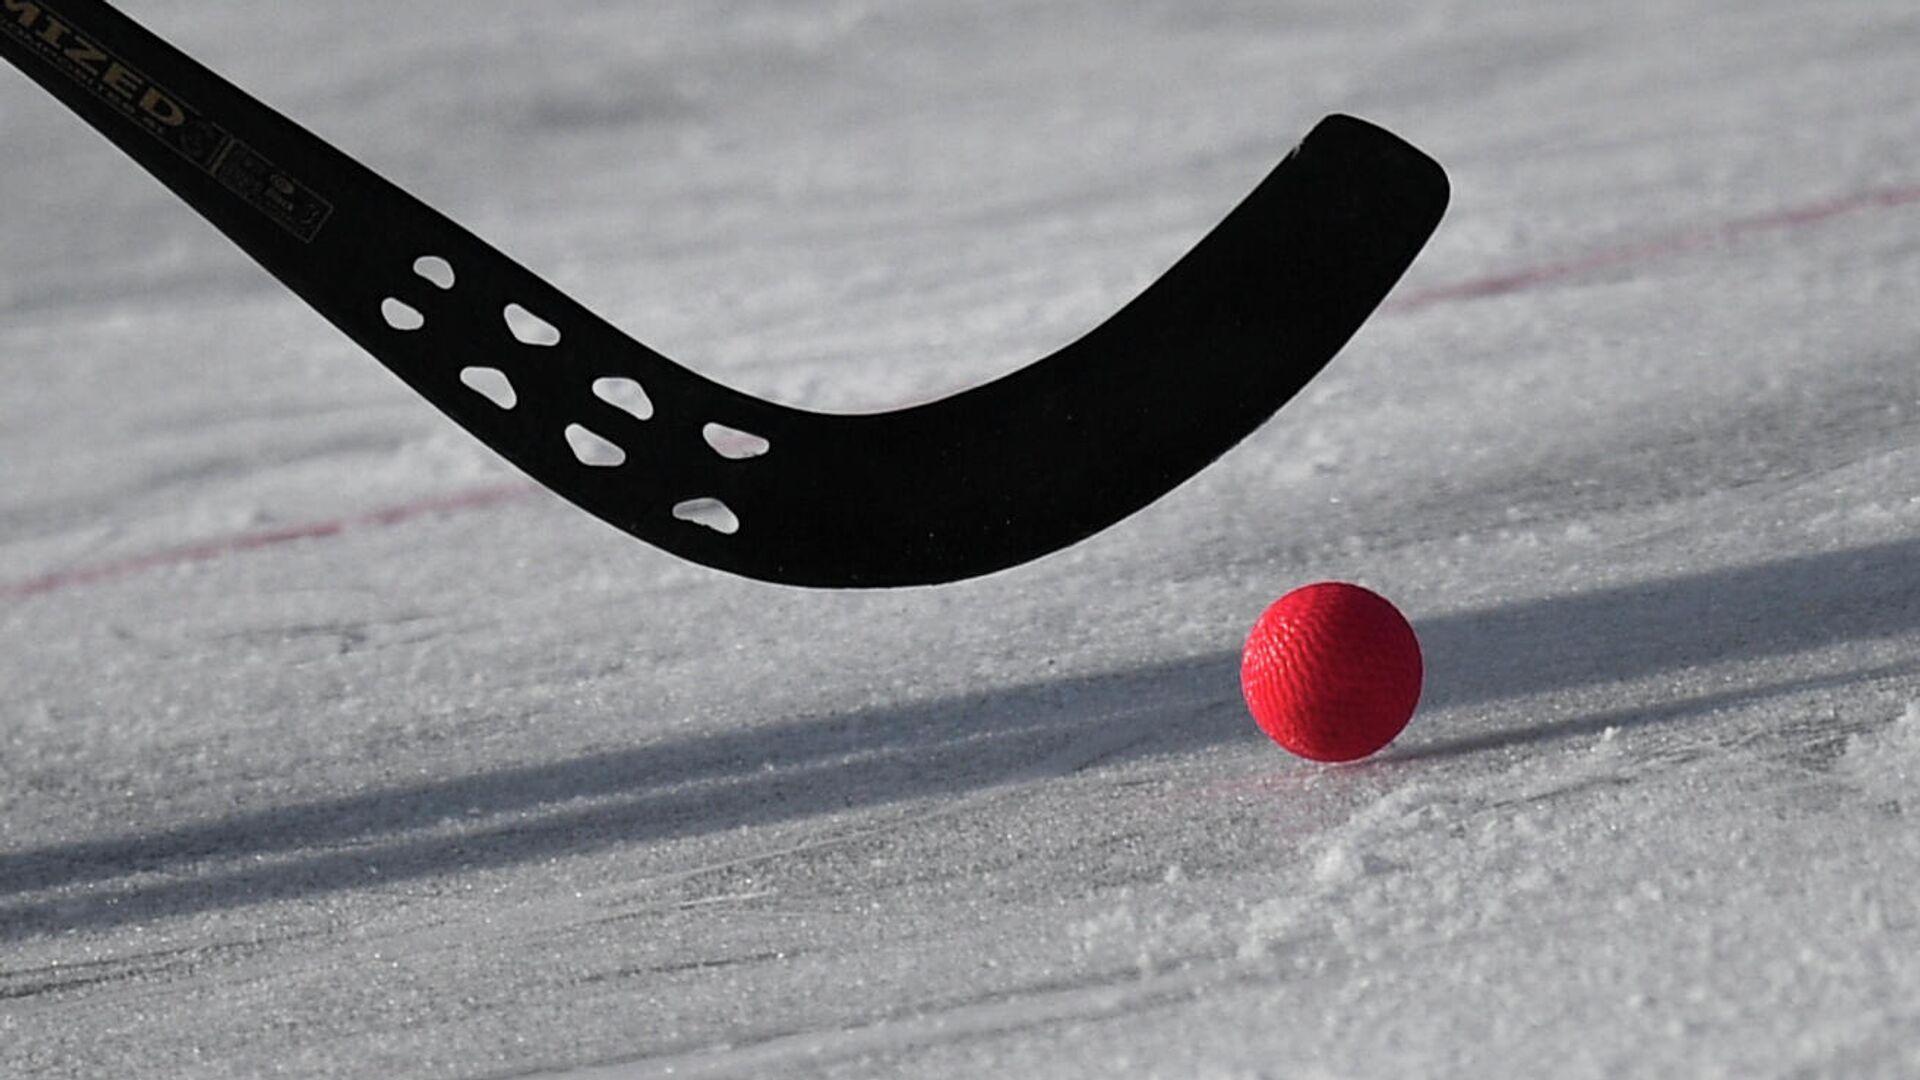 Хоккей с мячом - РИА Новости, 1920, 21.03.2021